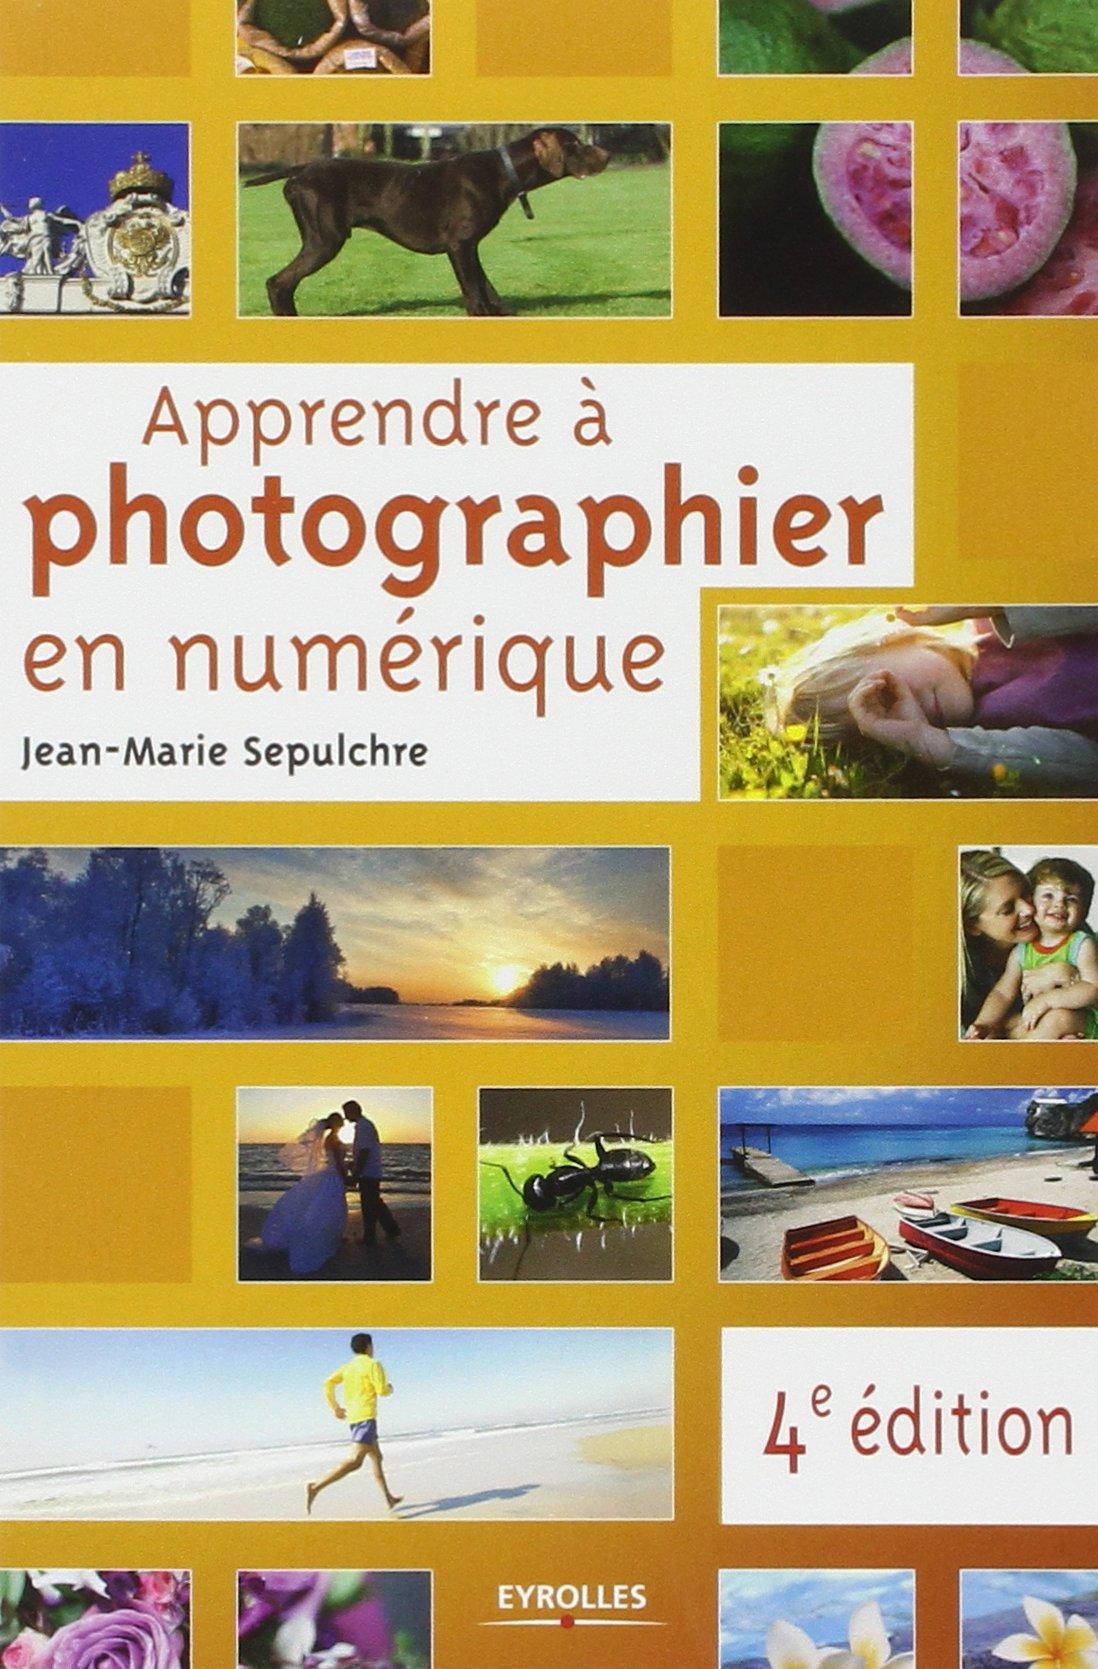 Apprendre à photographier en numérique (5e Edition)